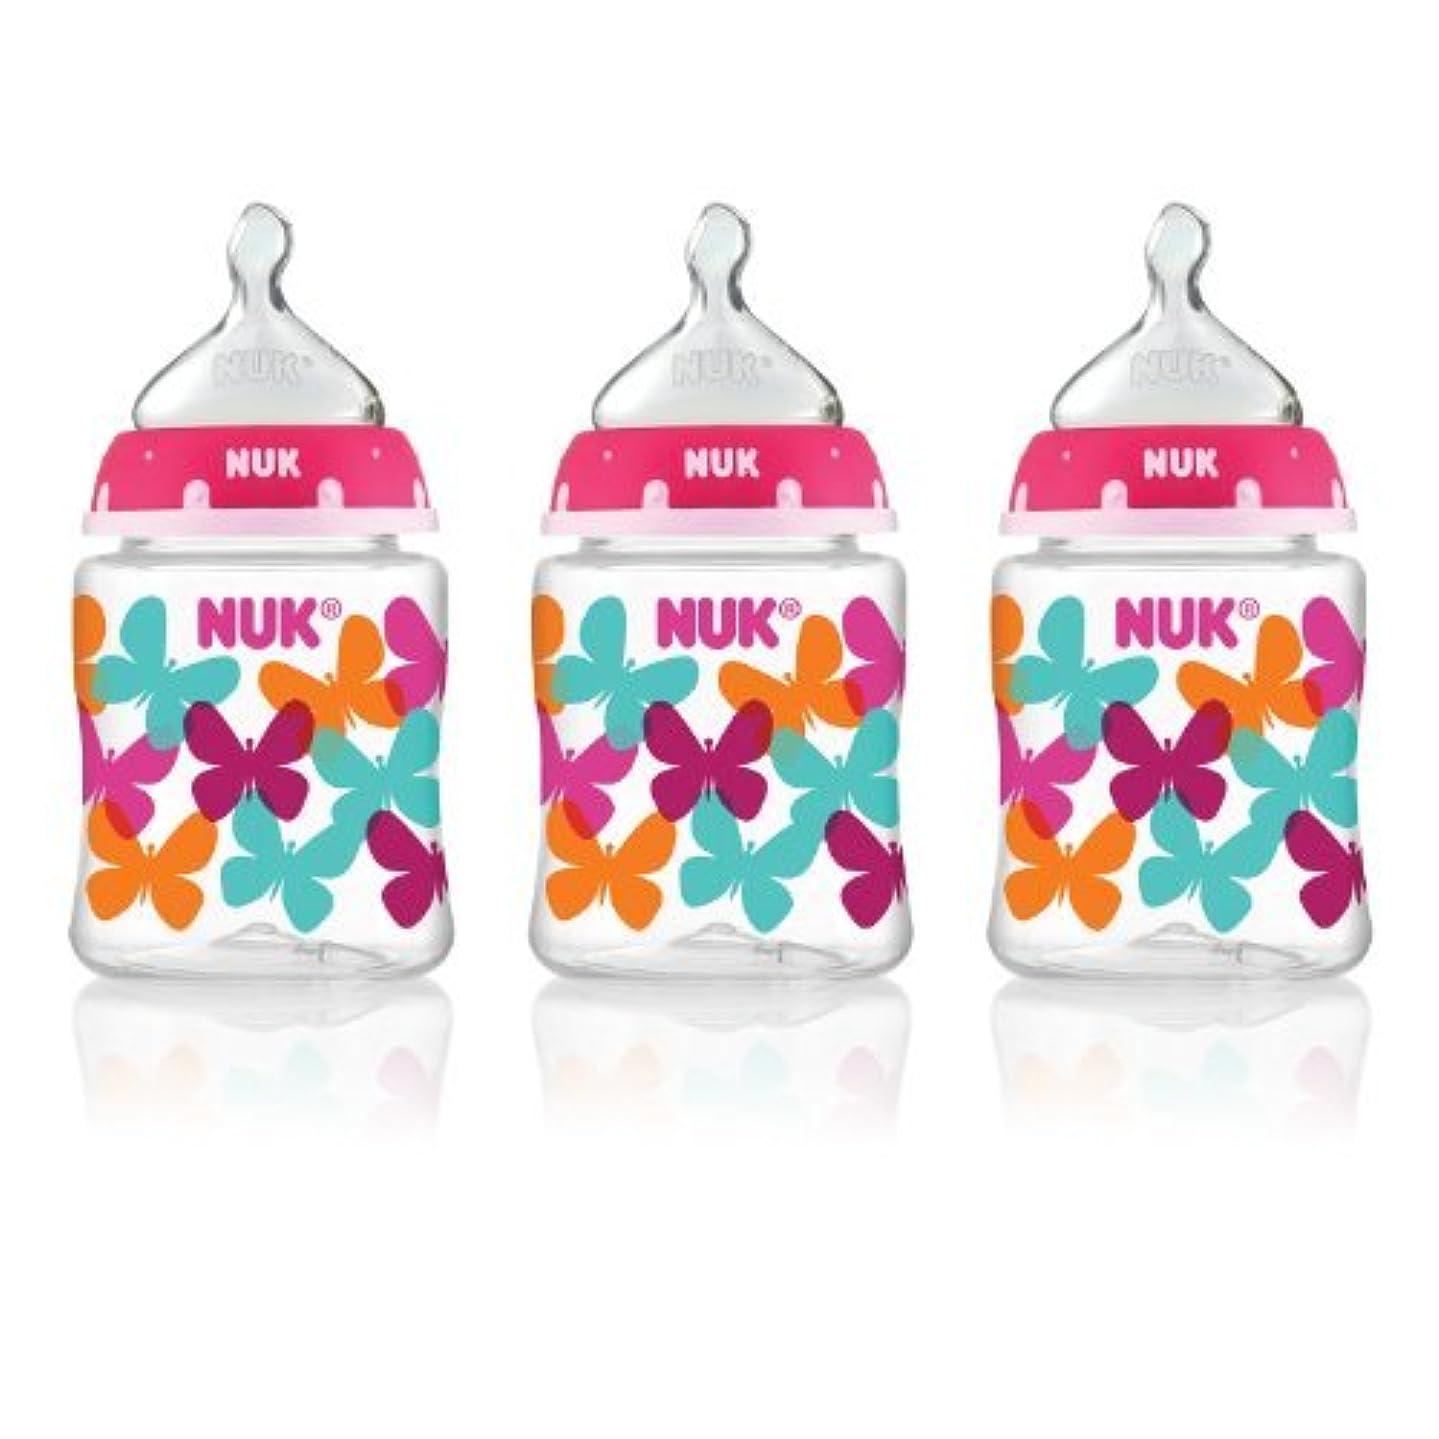 イルナチュラル仮説NUK Elephants and Butterflies Fashion Orthodontic Bottle in Assorted Patterns, 5-Ounce, 3 Count by NUK [並行輸入品]